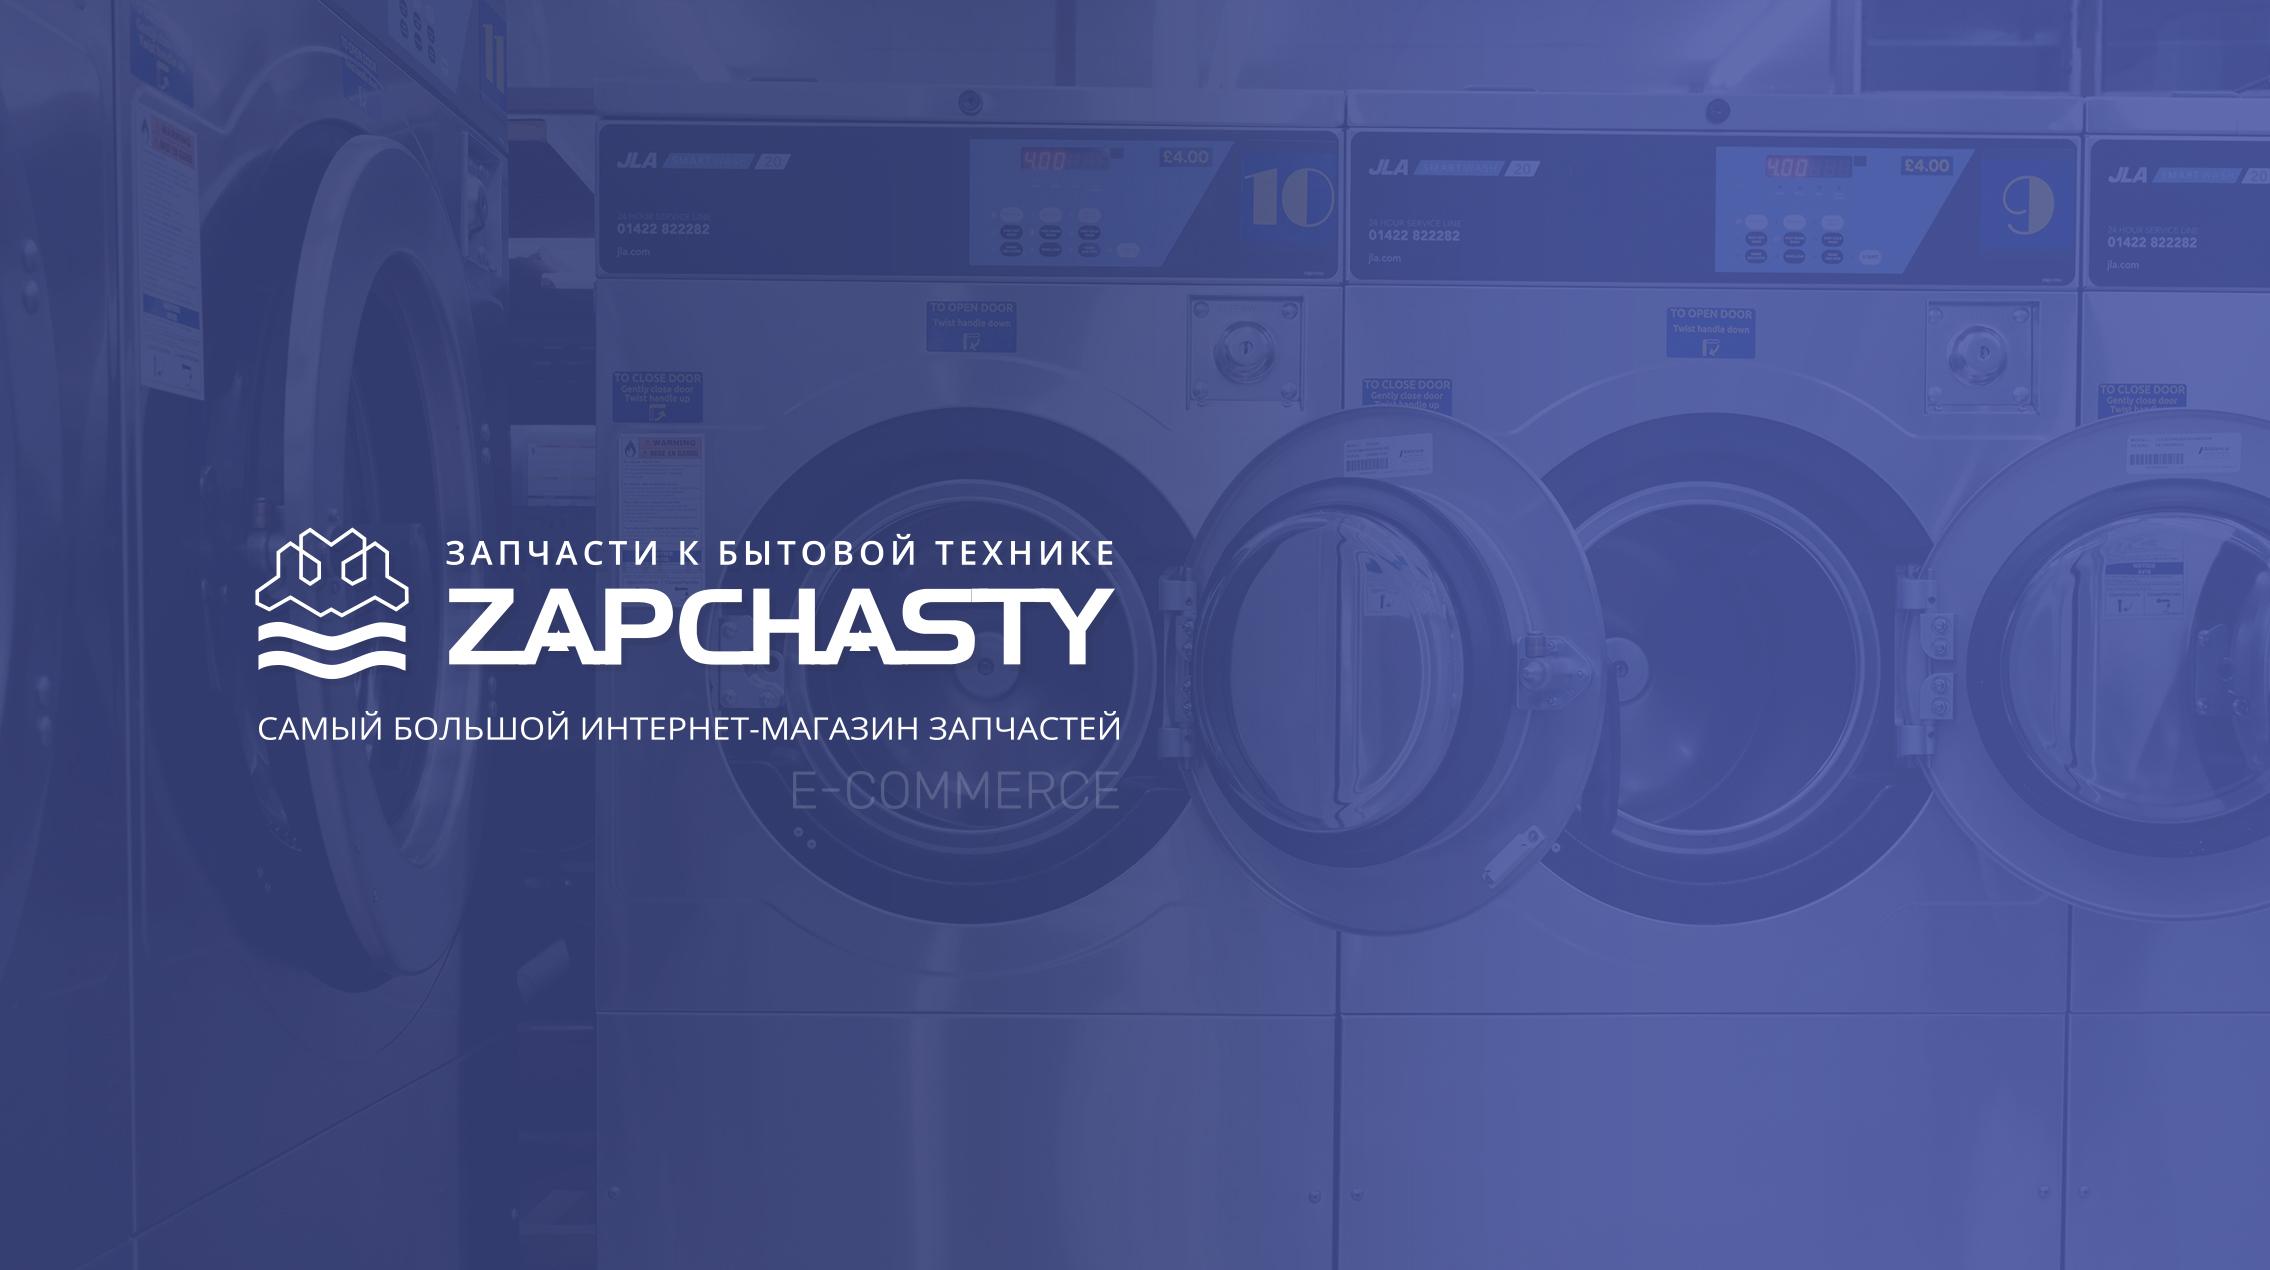 """Створення інтернет-магазину для компанії """"Zapchasty"""""""